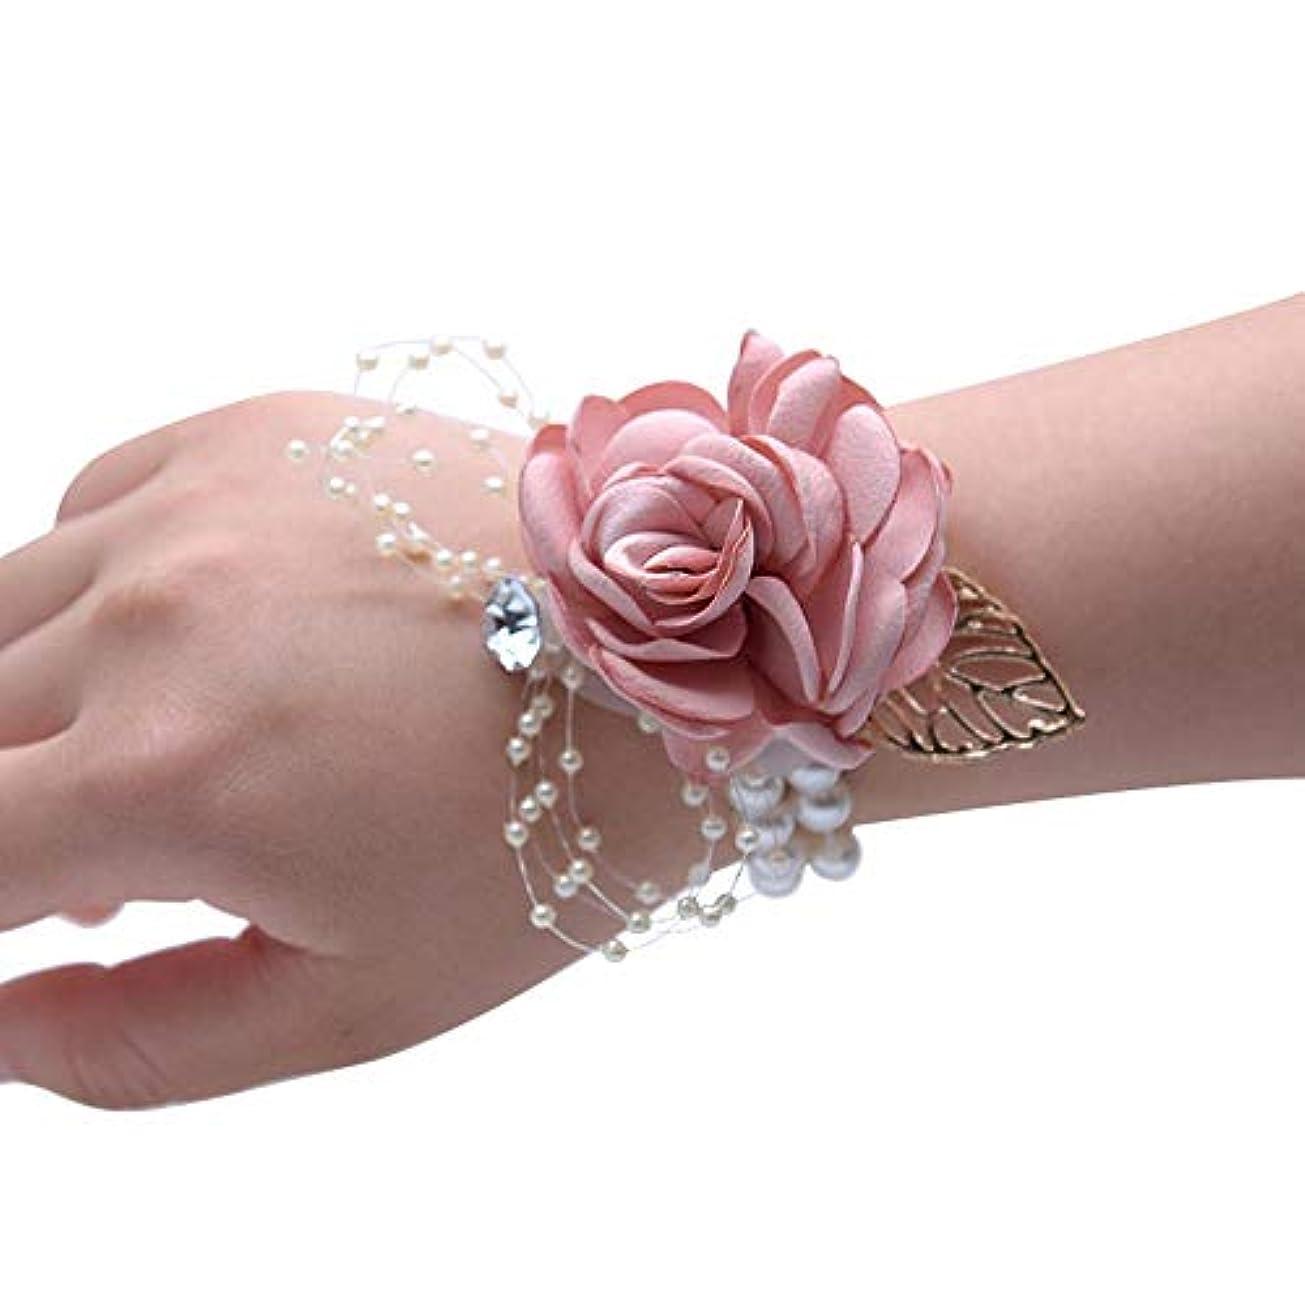 優越アーティファクト反対Merssavo 手首の花 - 女の子チャーム手首コサージュブレスレット花嫁介添人姉妹の手の花のどの真珠の結婚式、ピンク